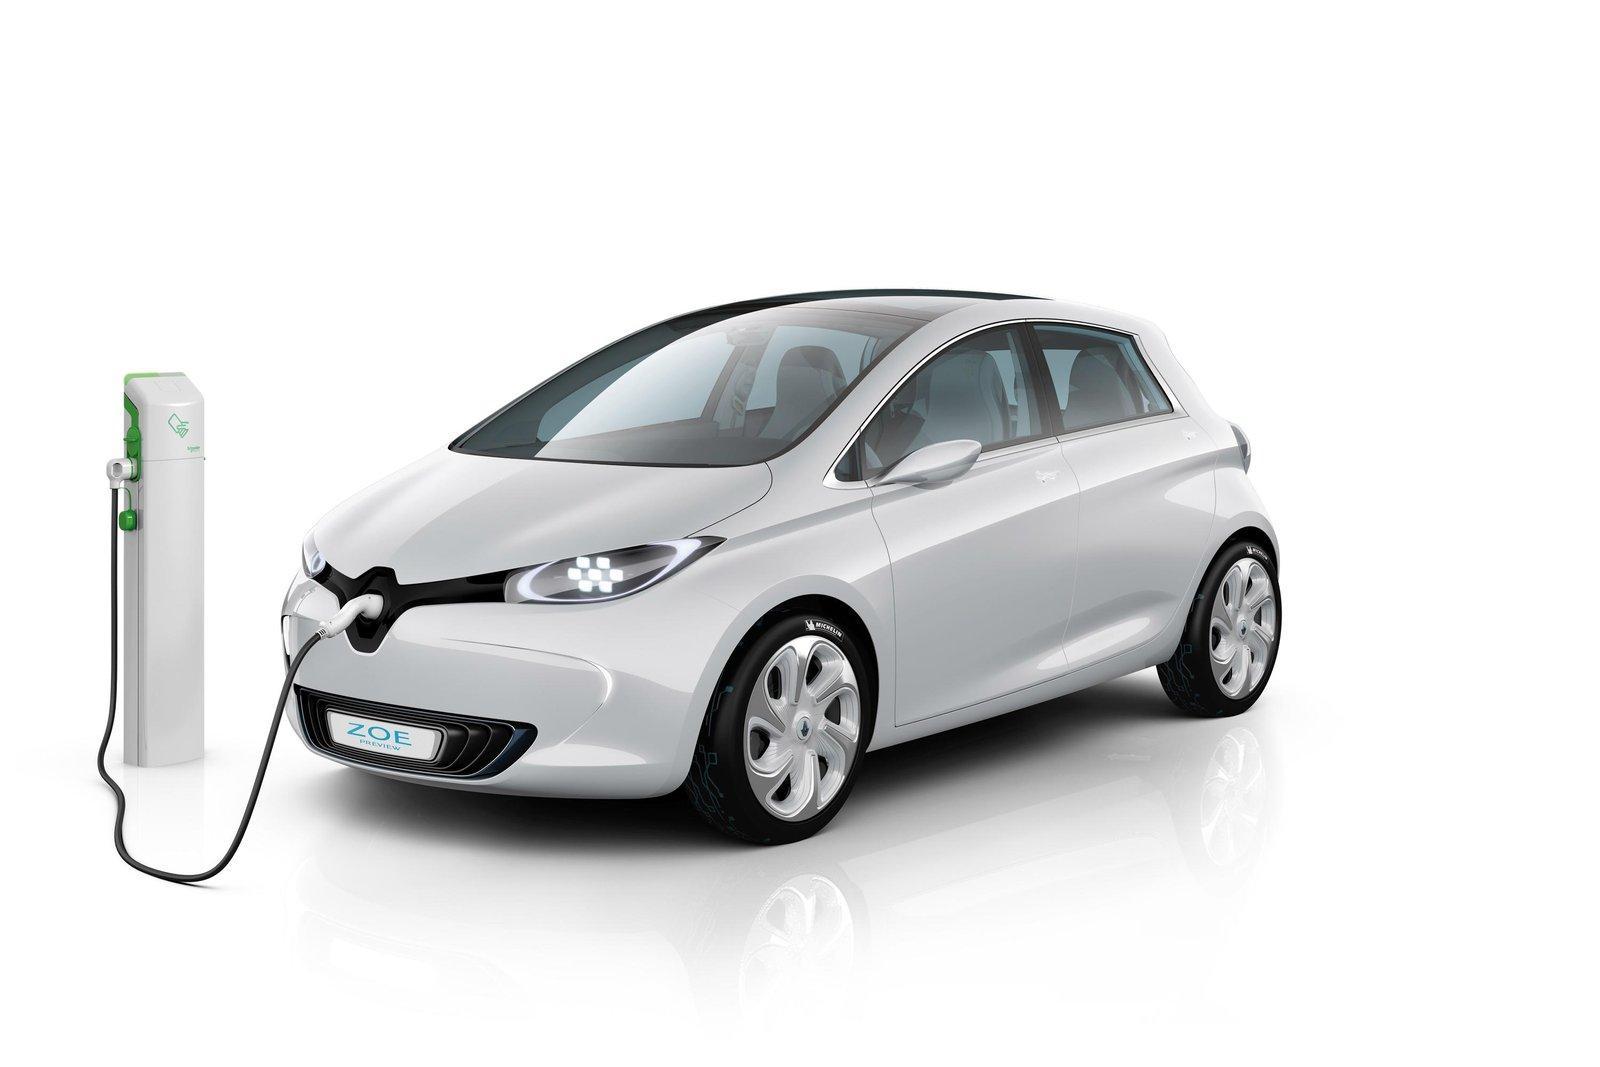 El coche eléctrico Renault ZOE llegará a finales de 2012